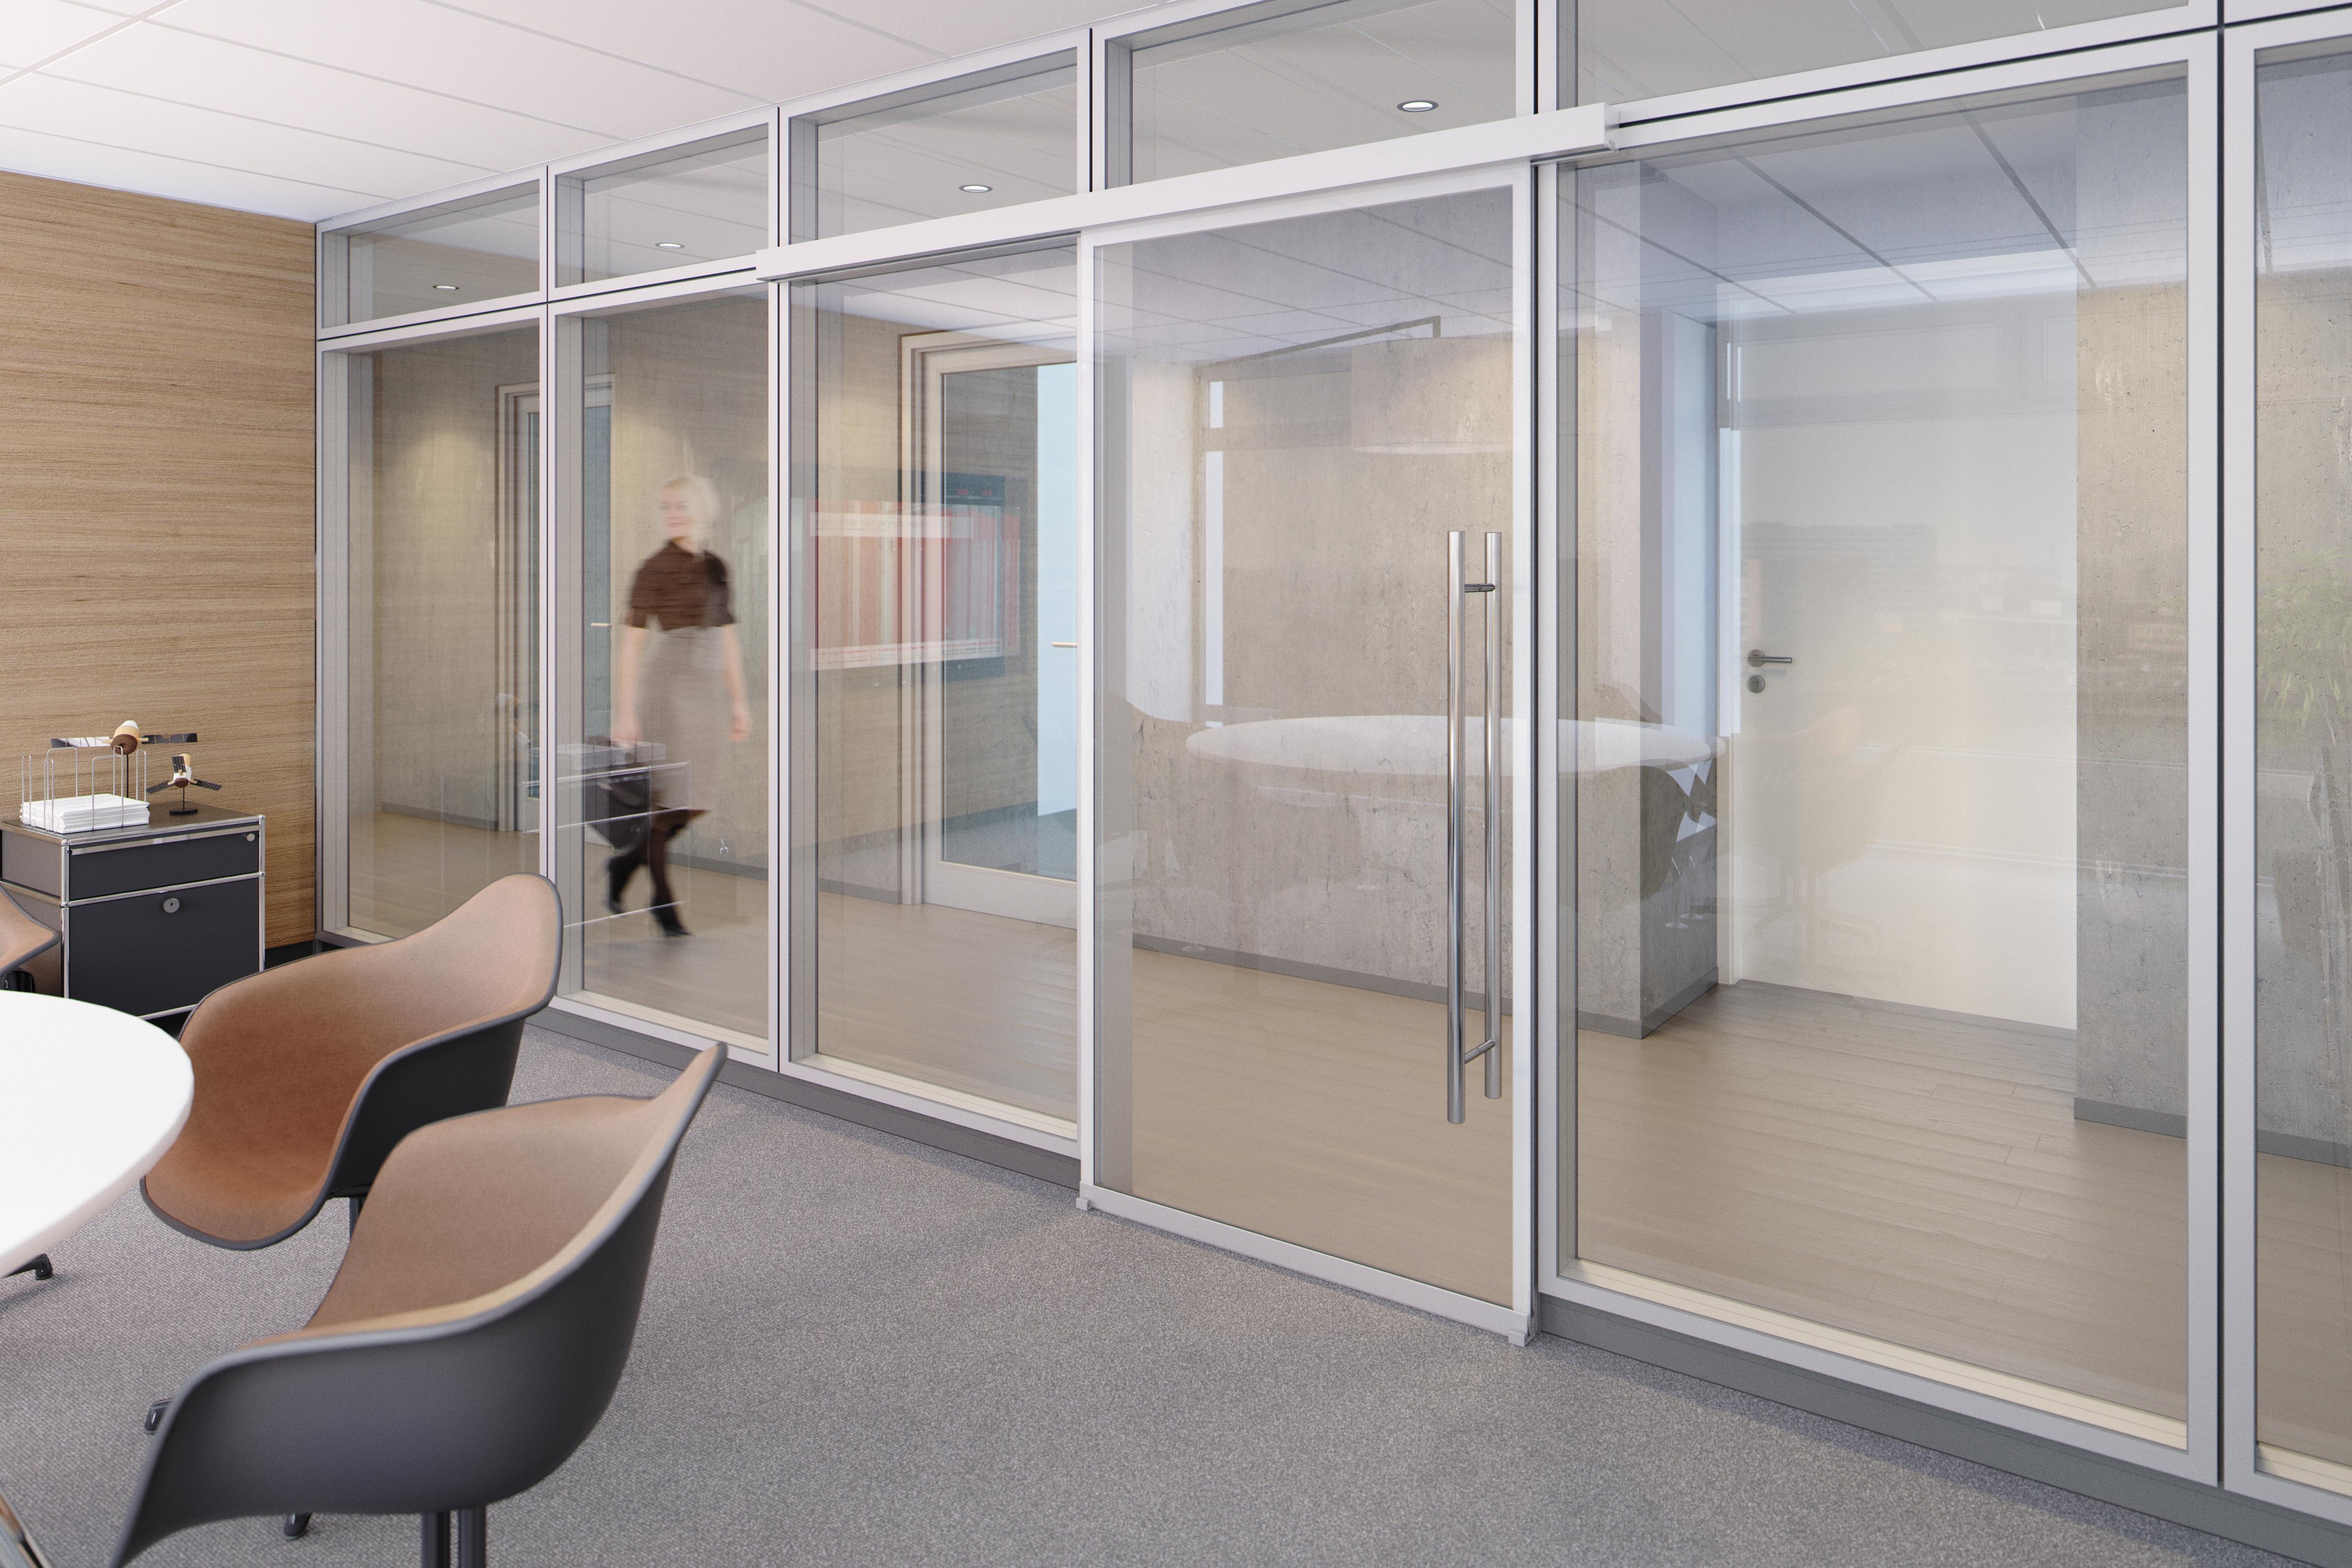 ganzglas schallschutz schiebet r. Black Bedroom Furniture Sets. Home Design Ideas